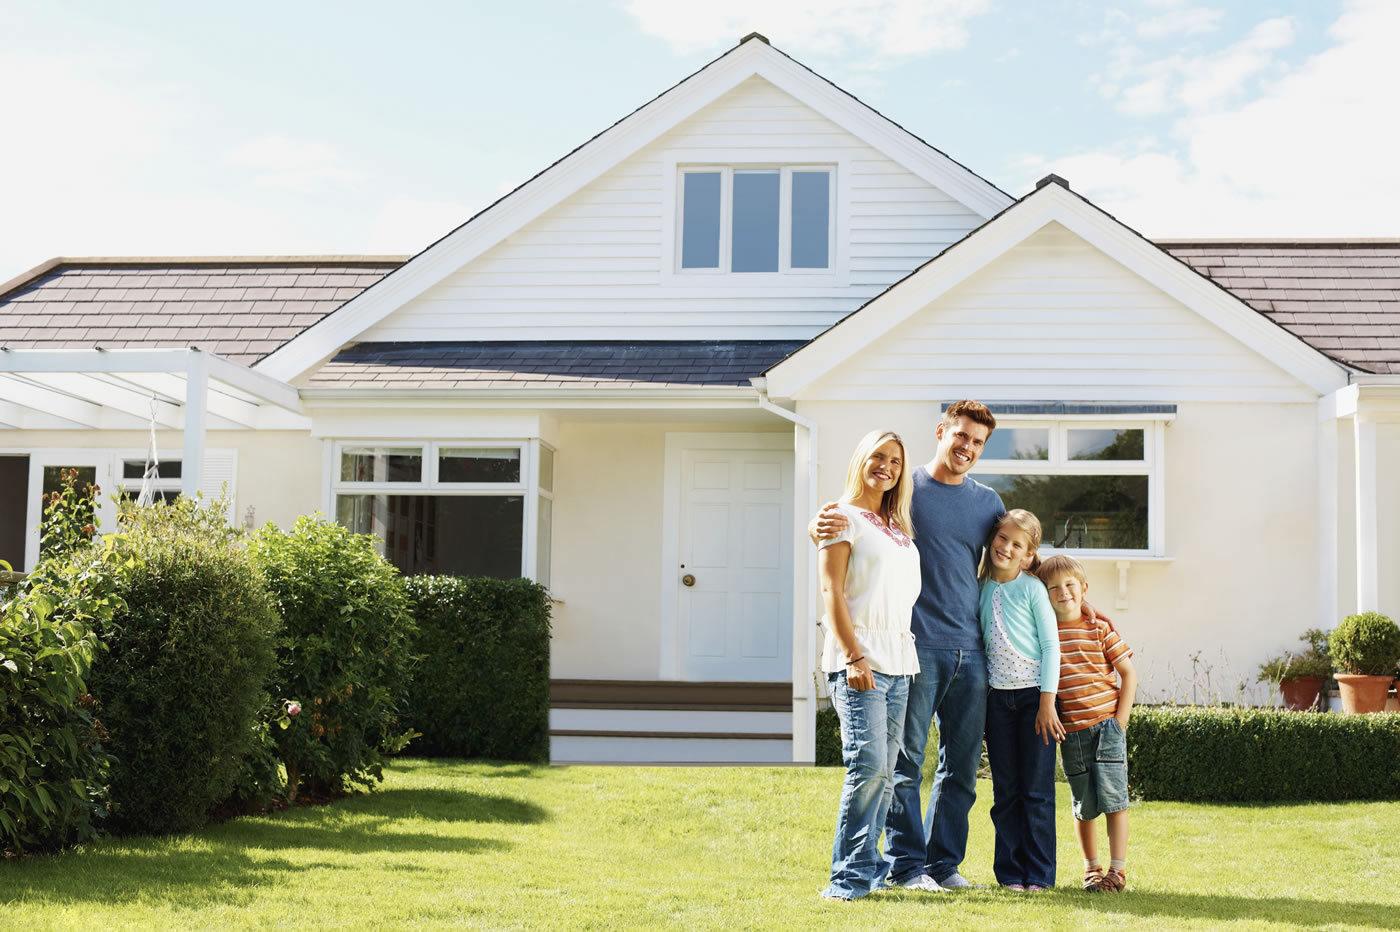 Original single family home